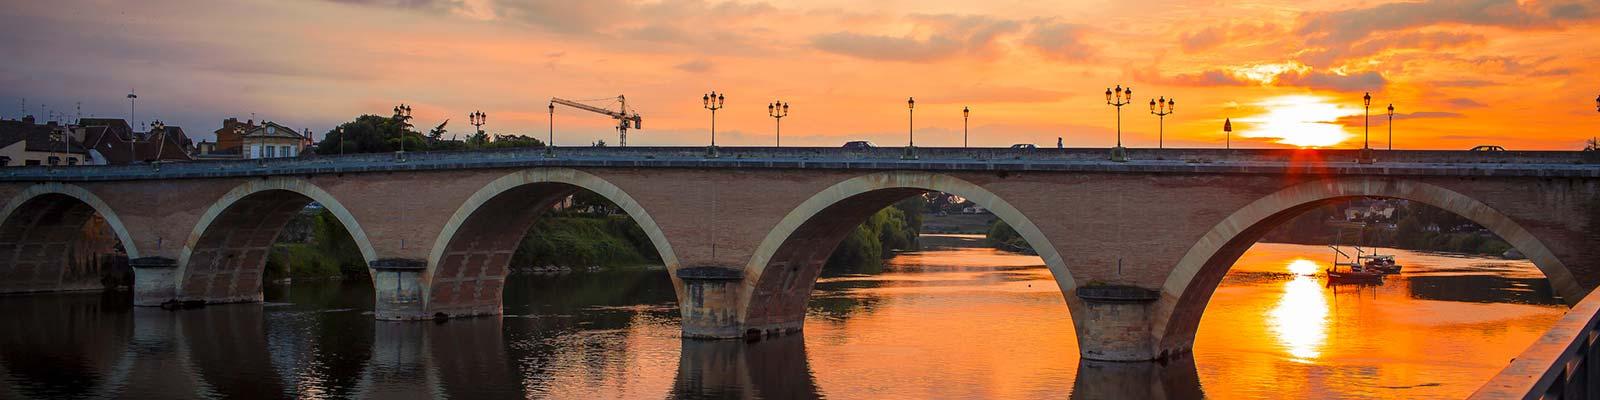 Ville de Bergerac en Dordogne